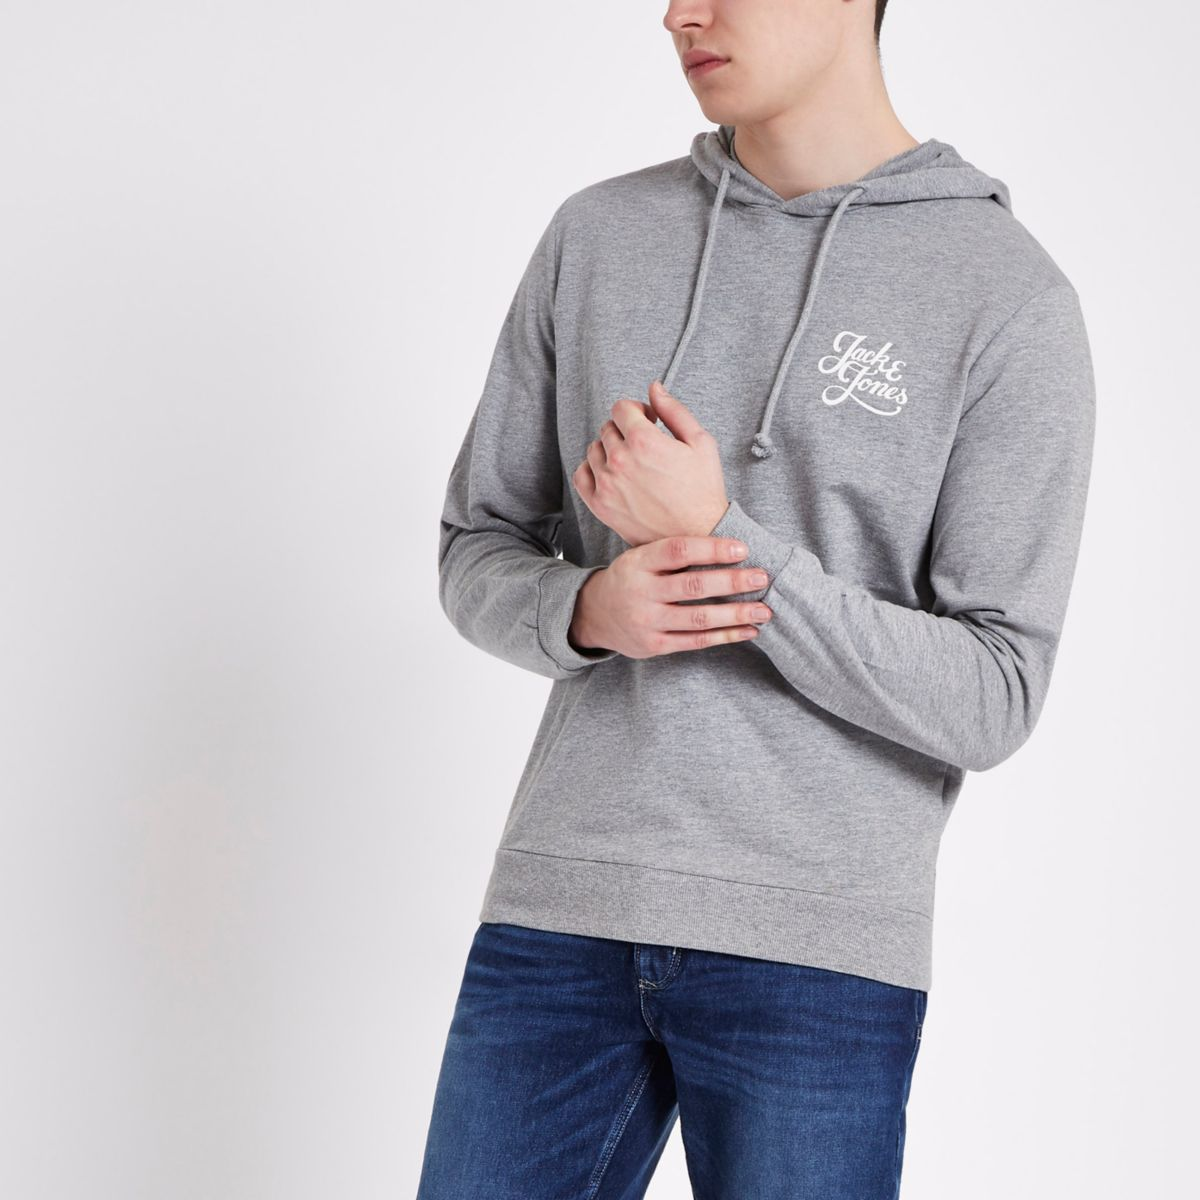 Jack & Jones Originals grey hoodie